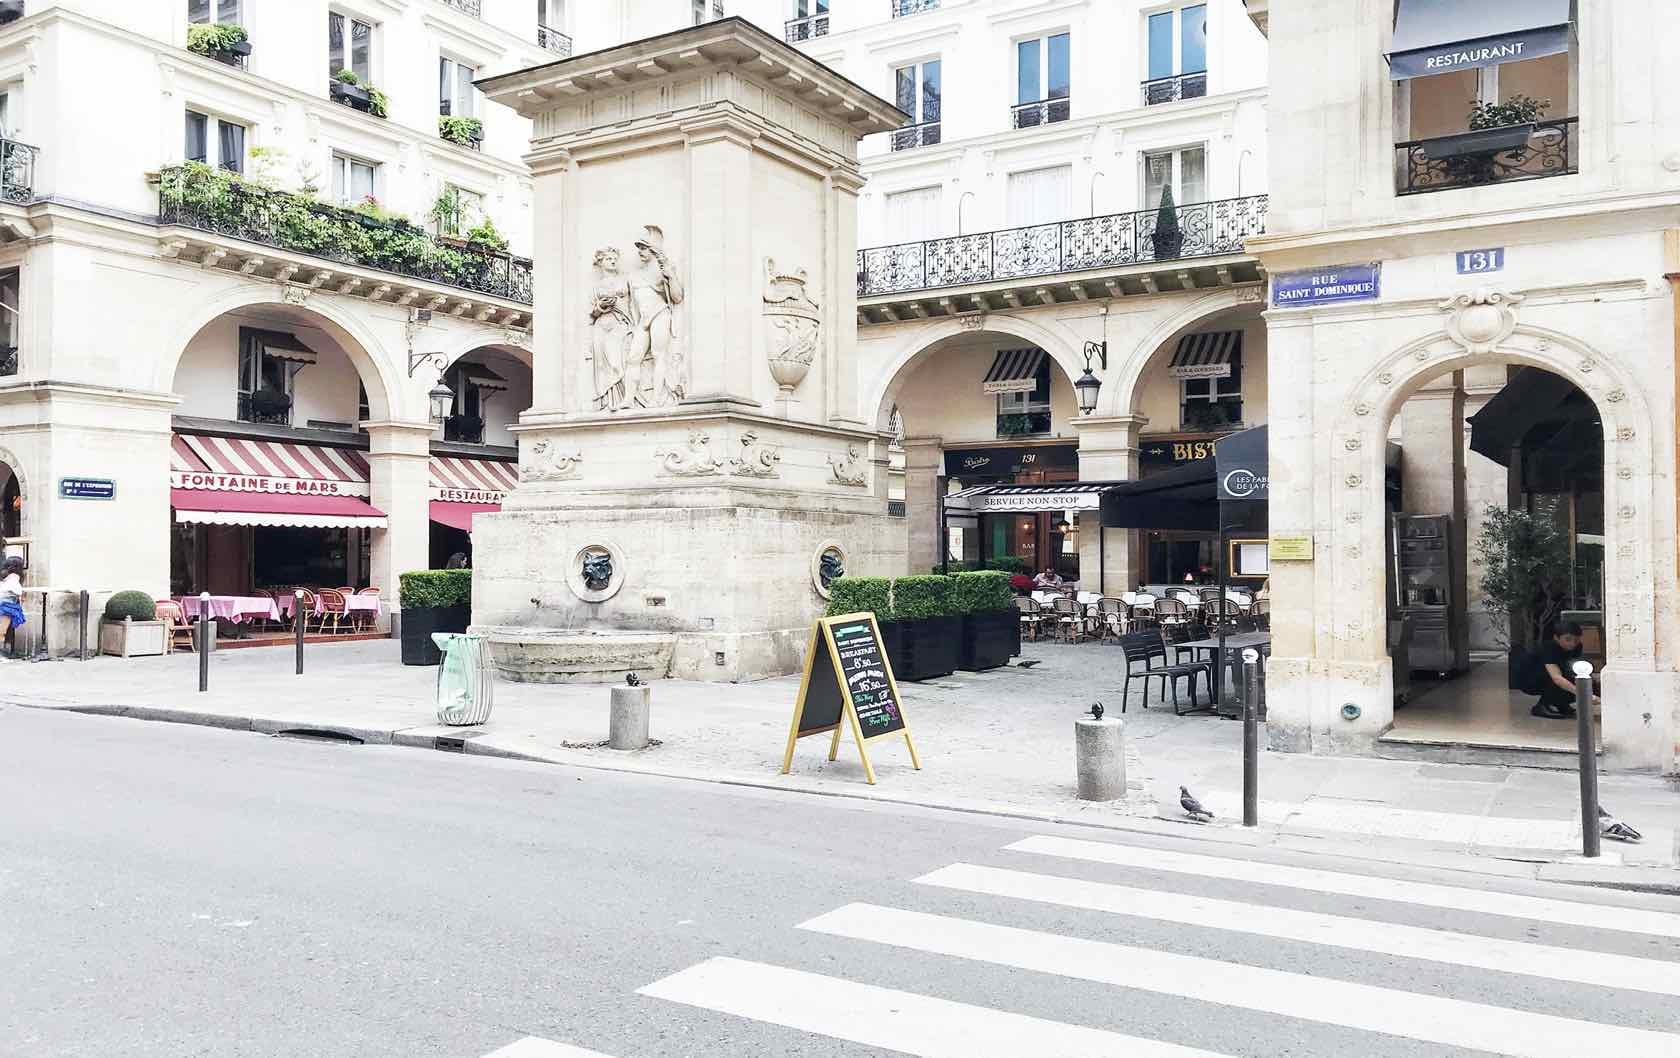 La Fontaine de Mars rue Saint-Dominique Paris